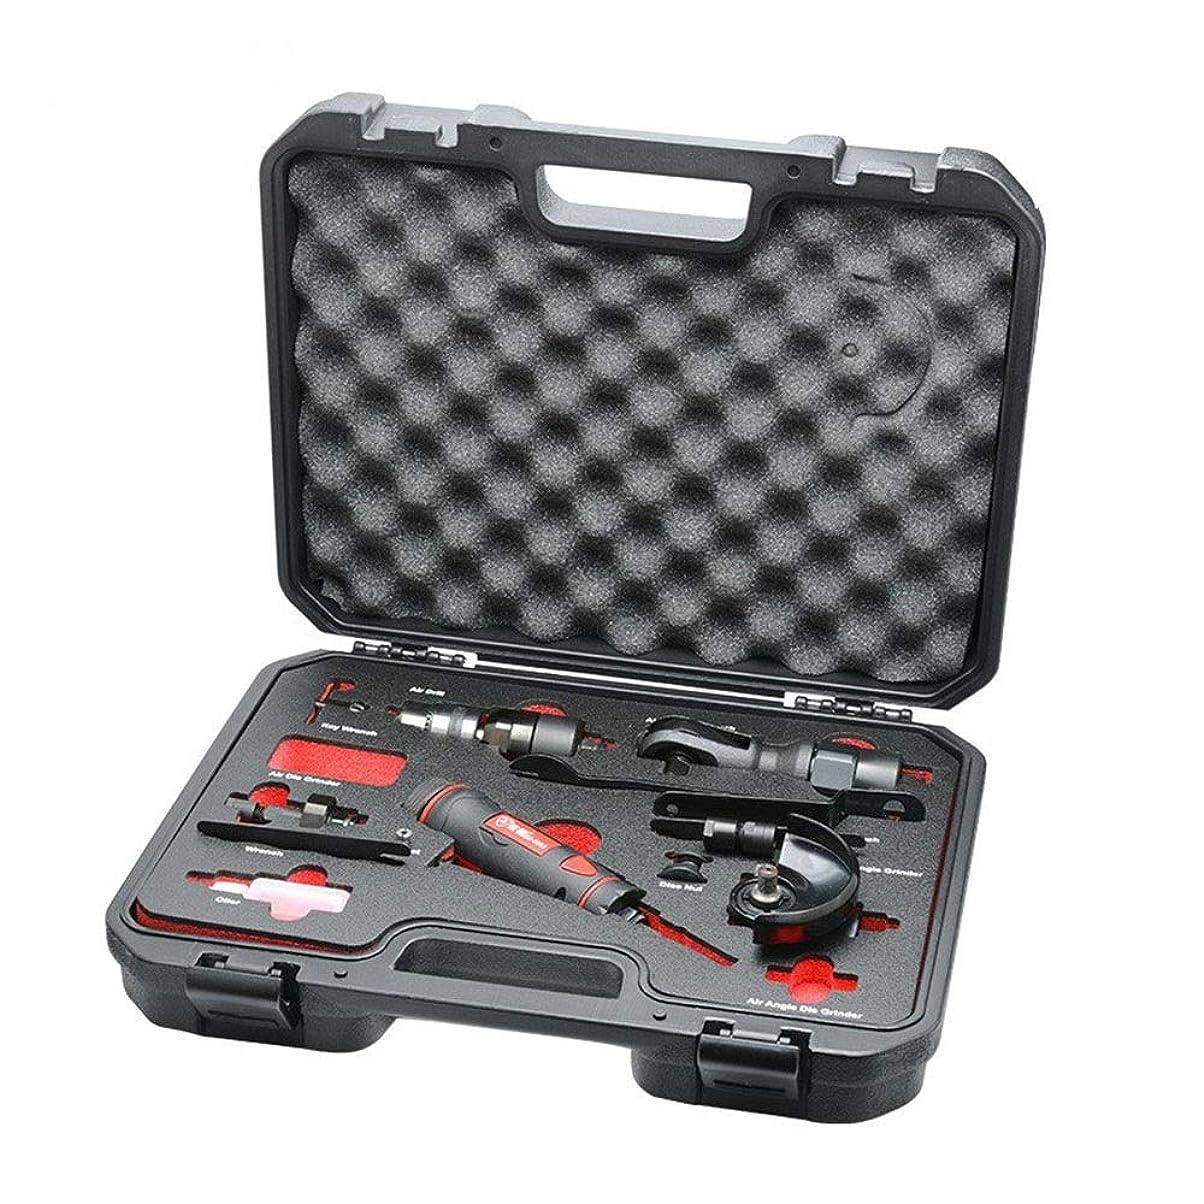 象薬告発エアー工具 空気圧5-IN-1ツールセット、空気圧ドリル空気圧彫刻機の角度グラインダーラチェットレンチハンドツール